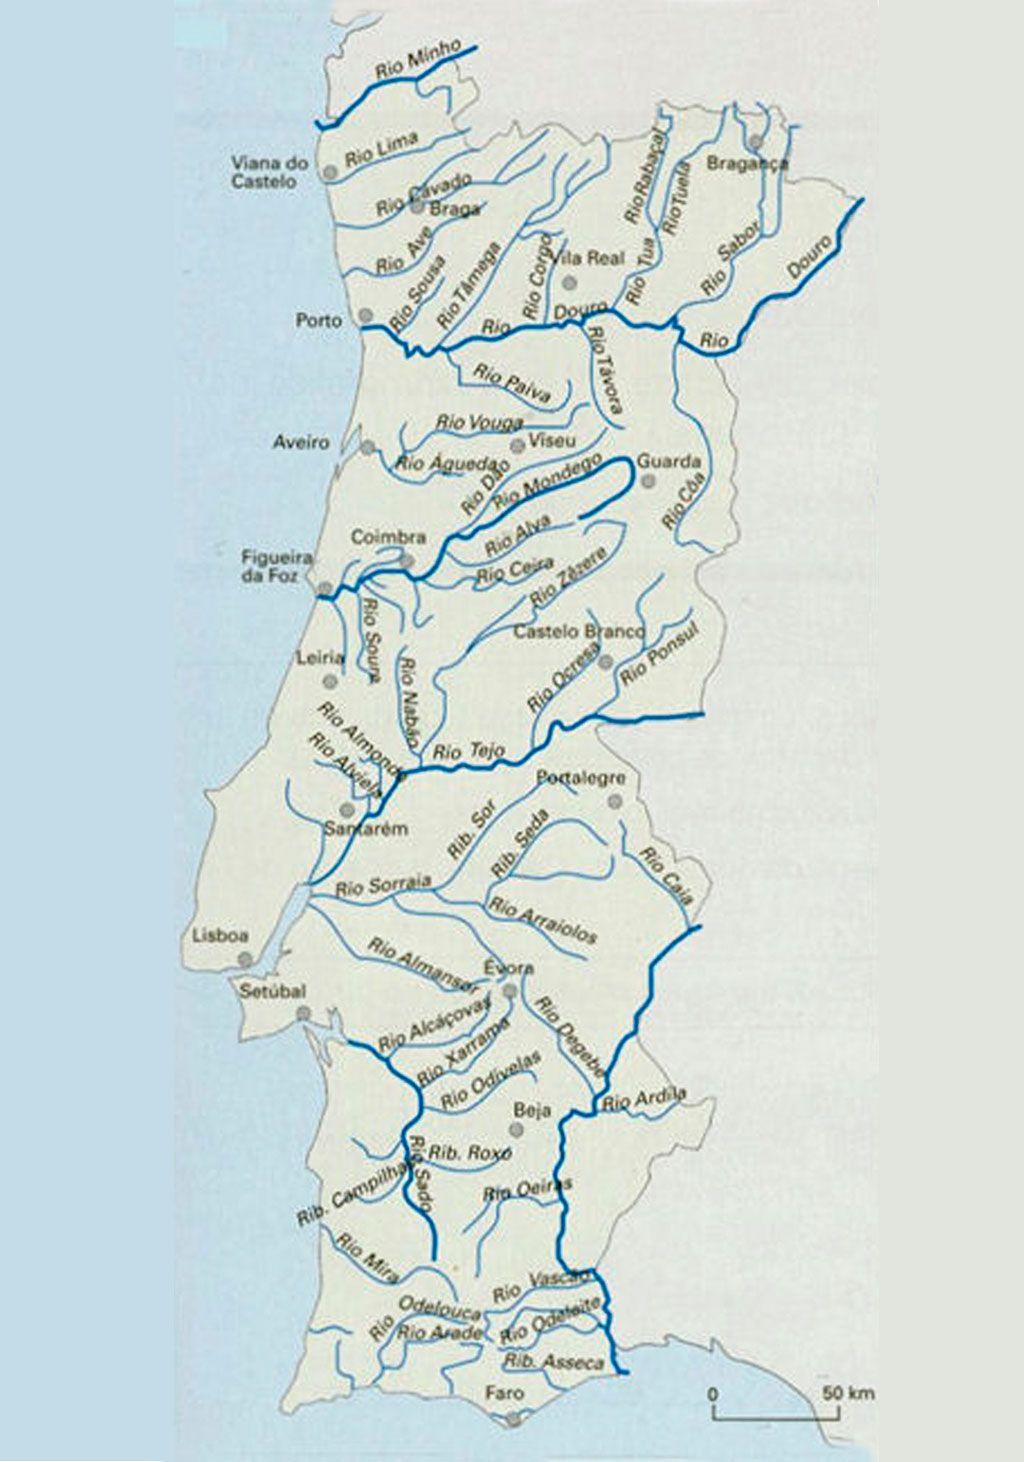 mapa rios portugal Resultado de imagem para mapa de portugal rios e regiões | AI_4.1  mapa rios portugal